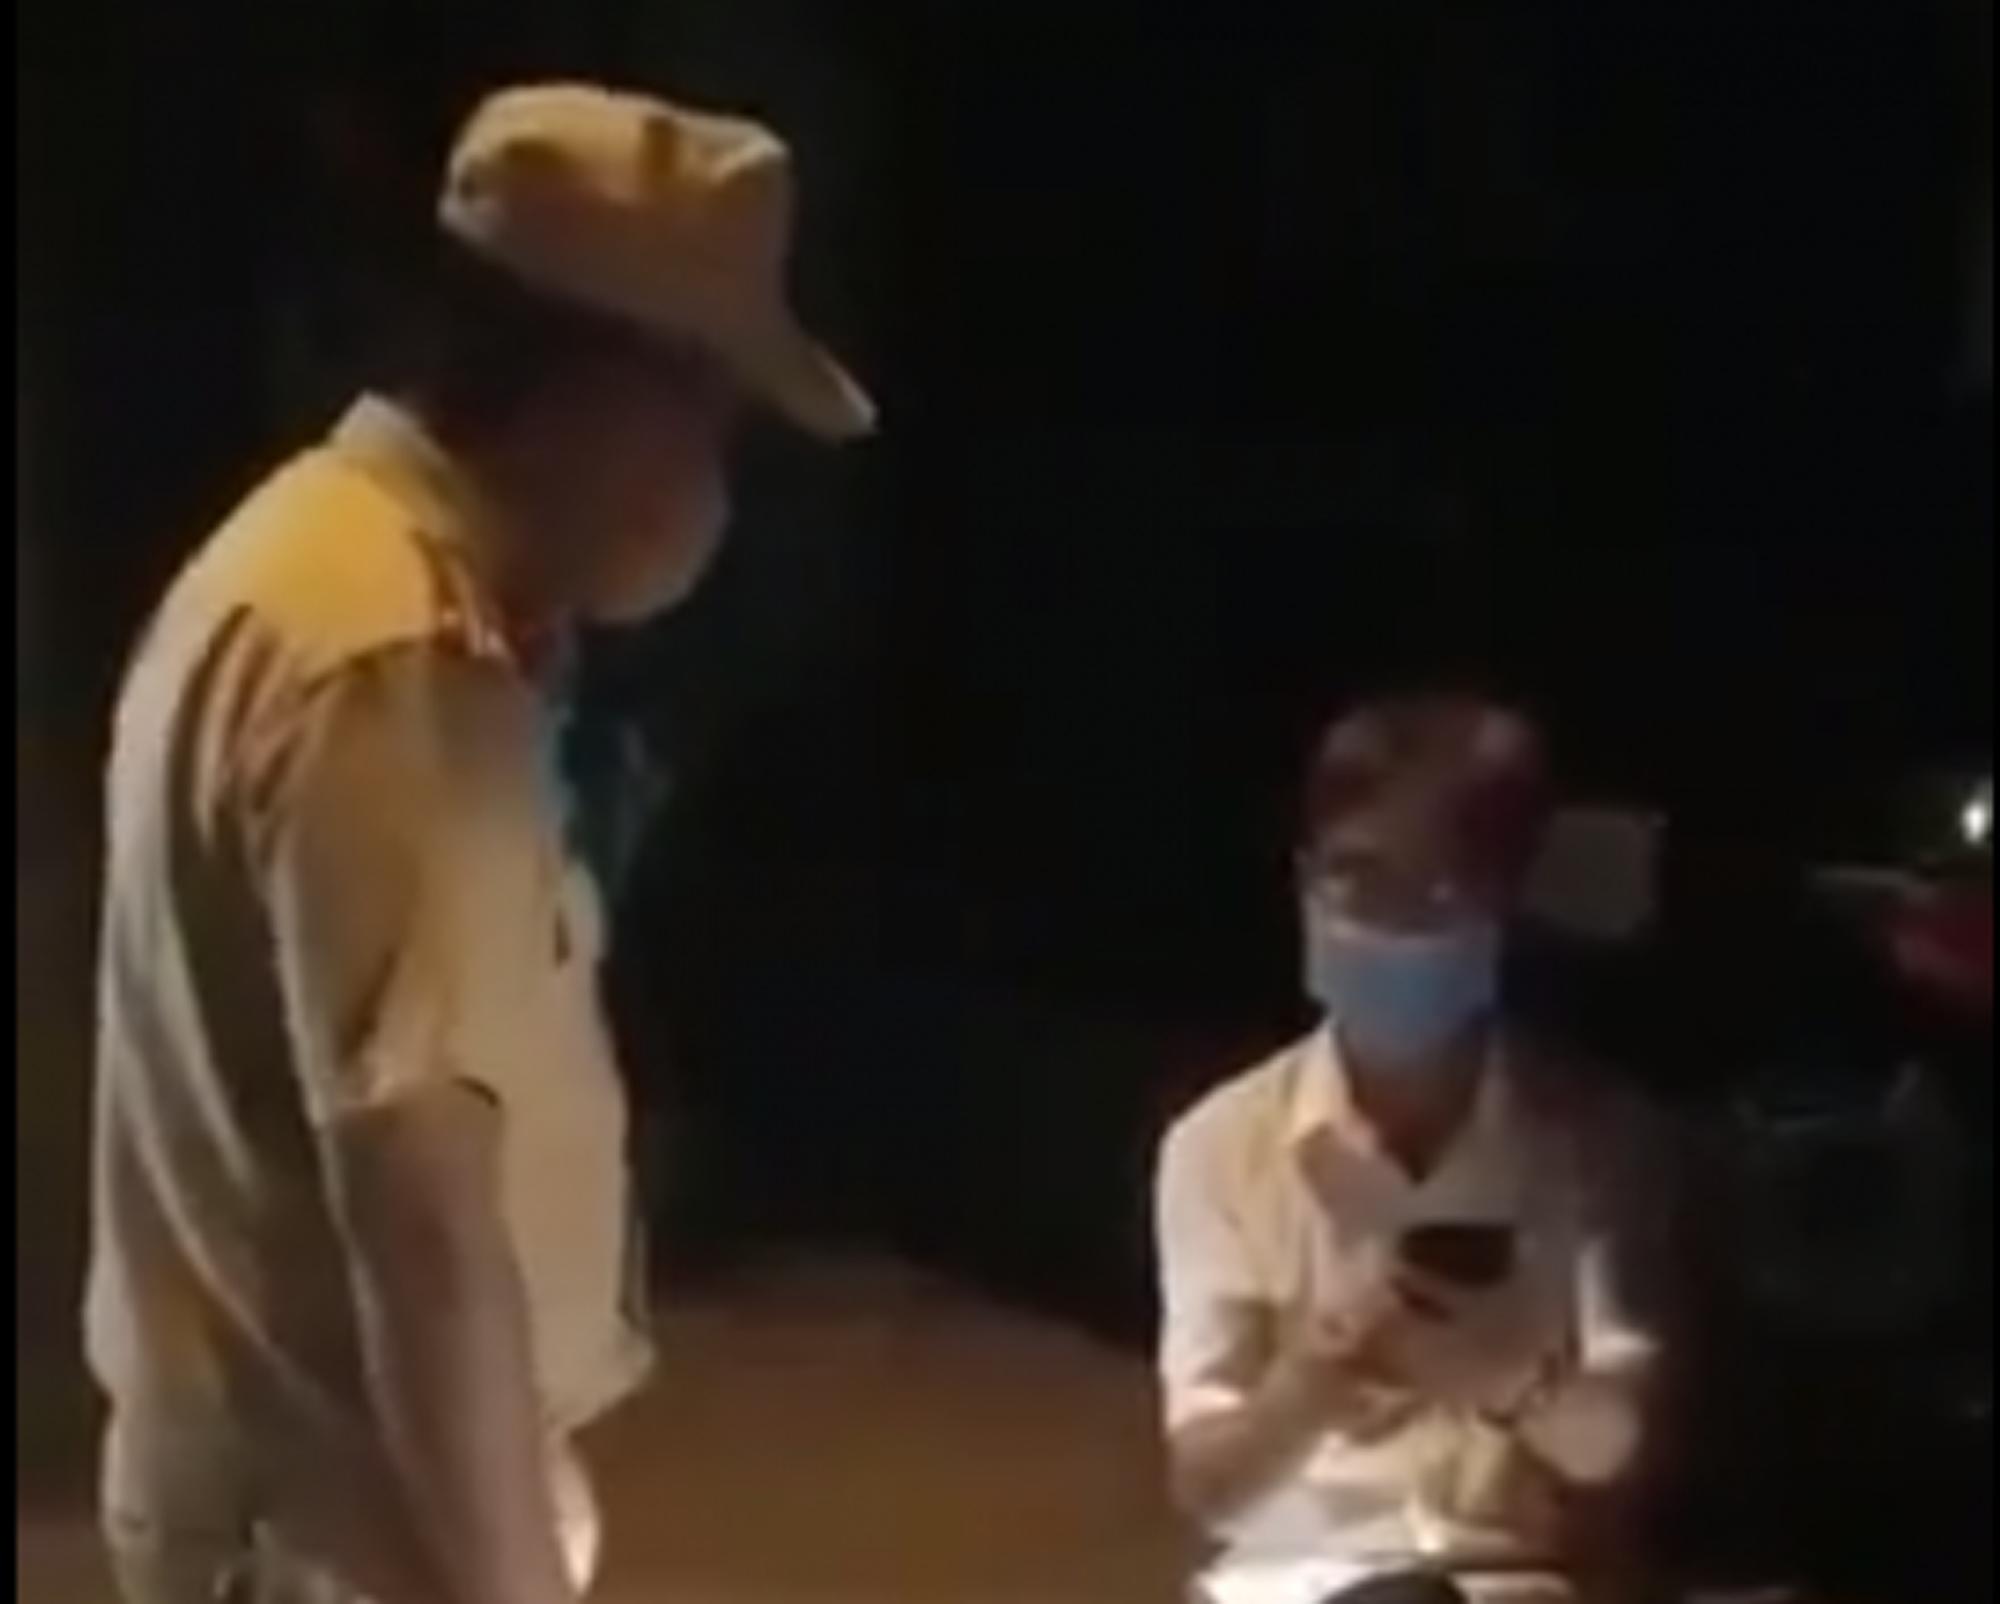 Phú Yên đề nghị xử lý nghiêm một Huyện ủy viên lái xe khi đã uống nhiều rượu - Ảnh 1.